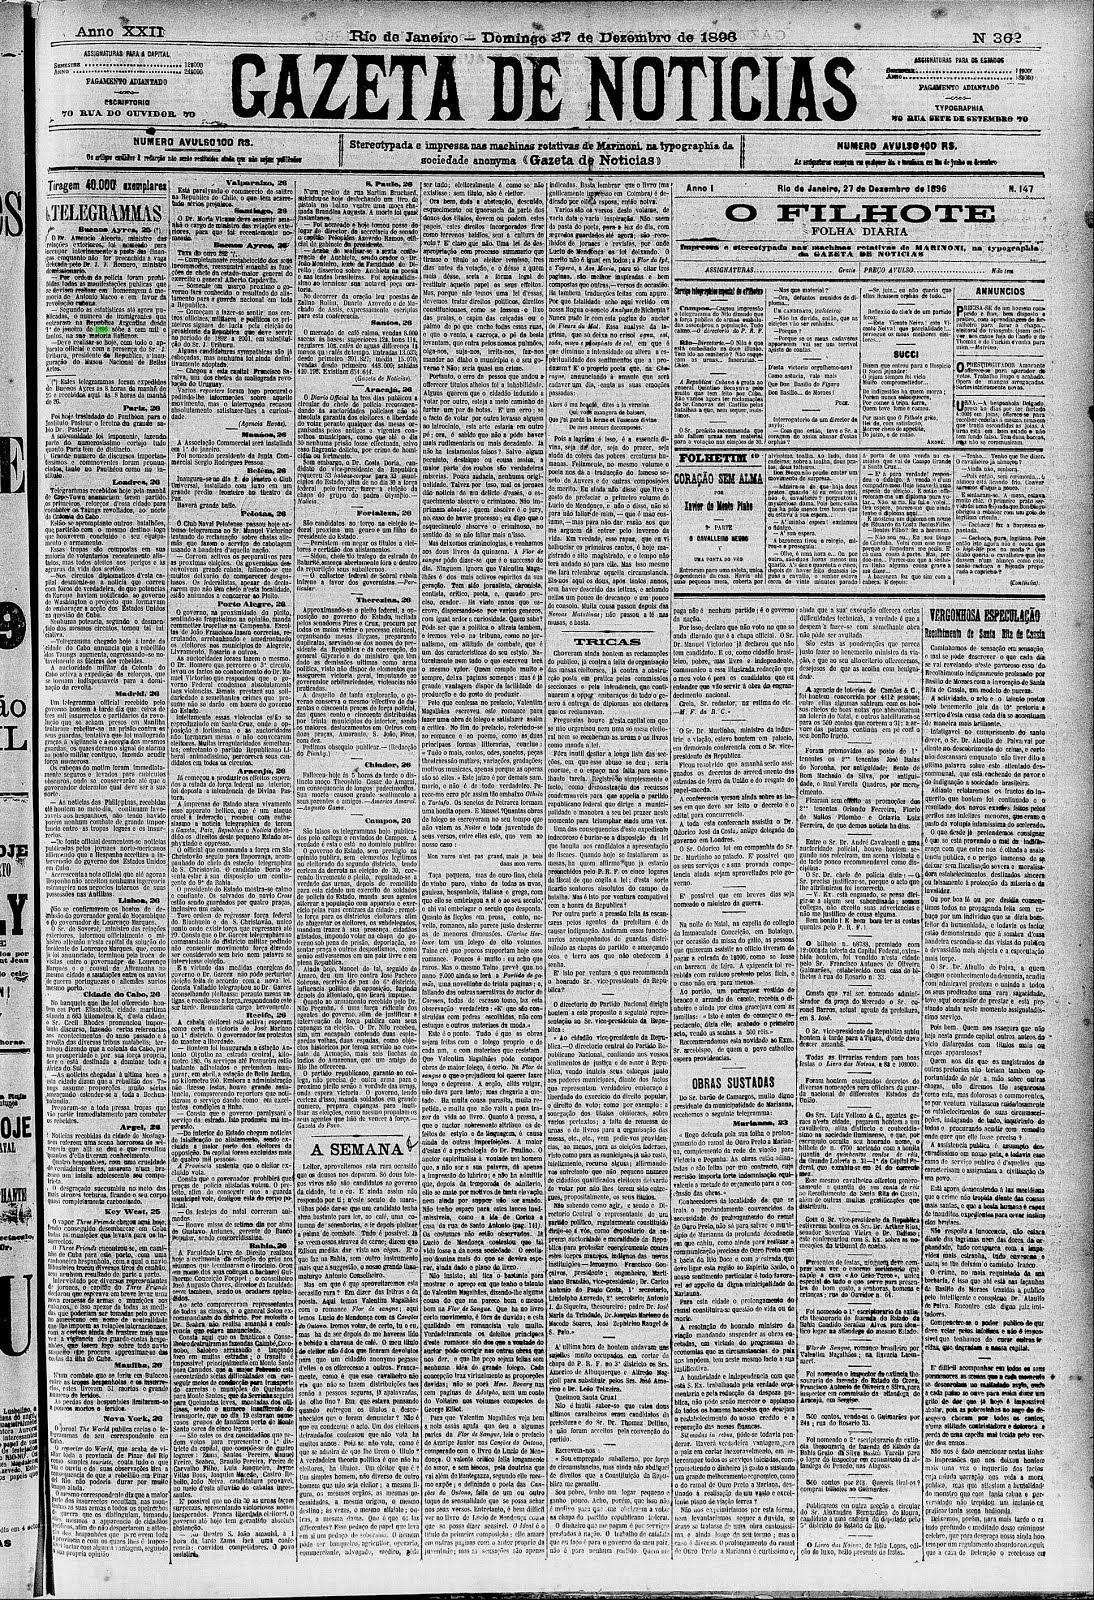 """crônica de Machado de Assis  27.12.1896 série """"A Semana"""", na Gazeta de Notícias"""